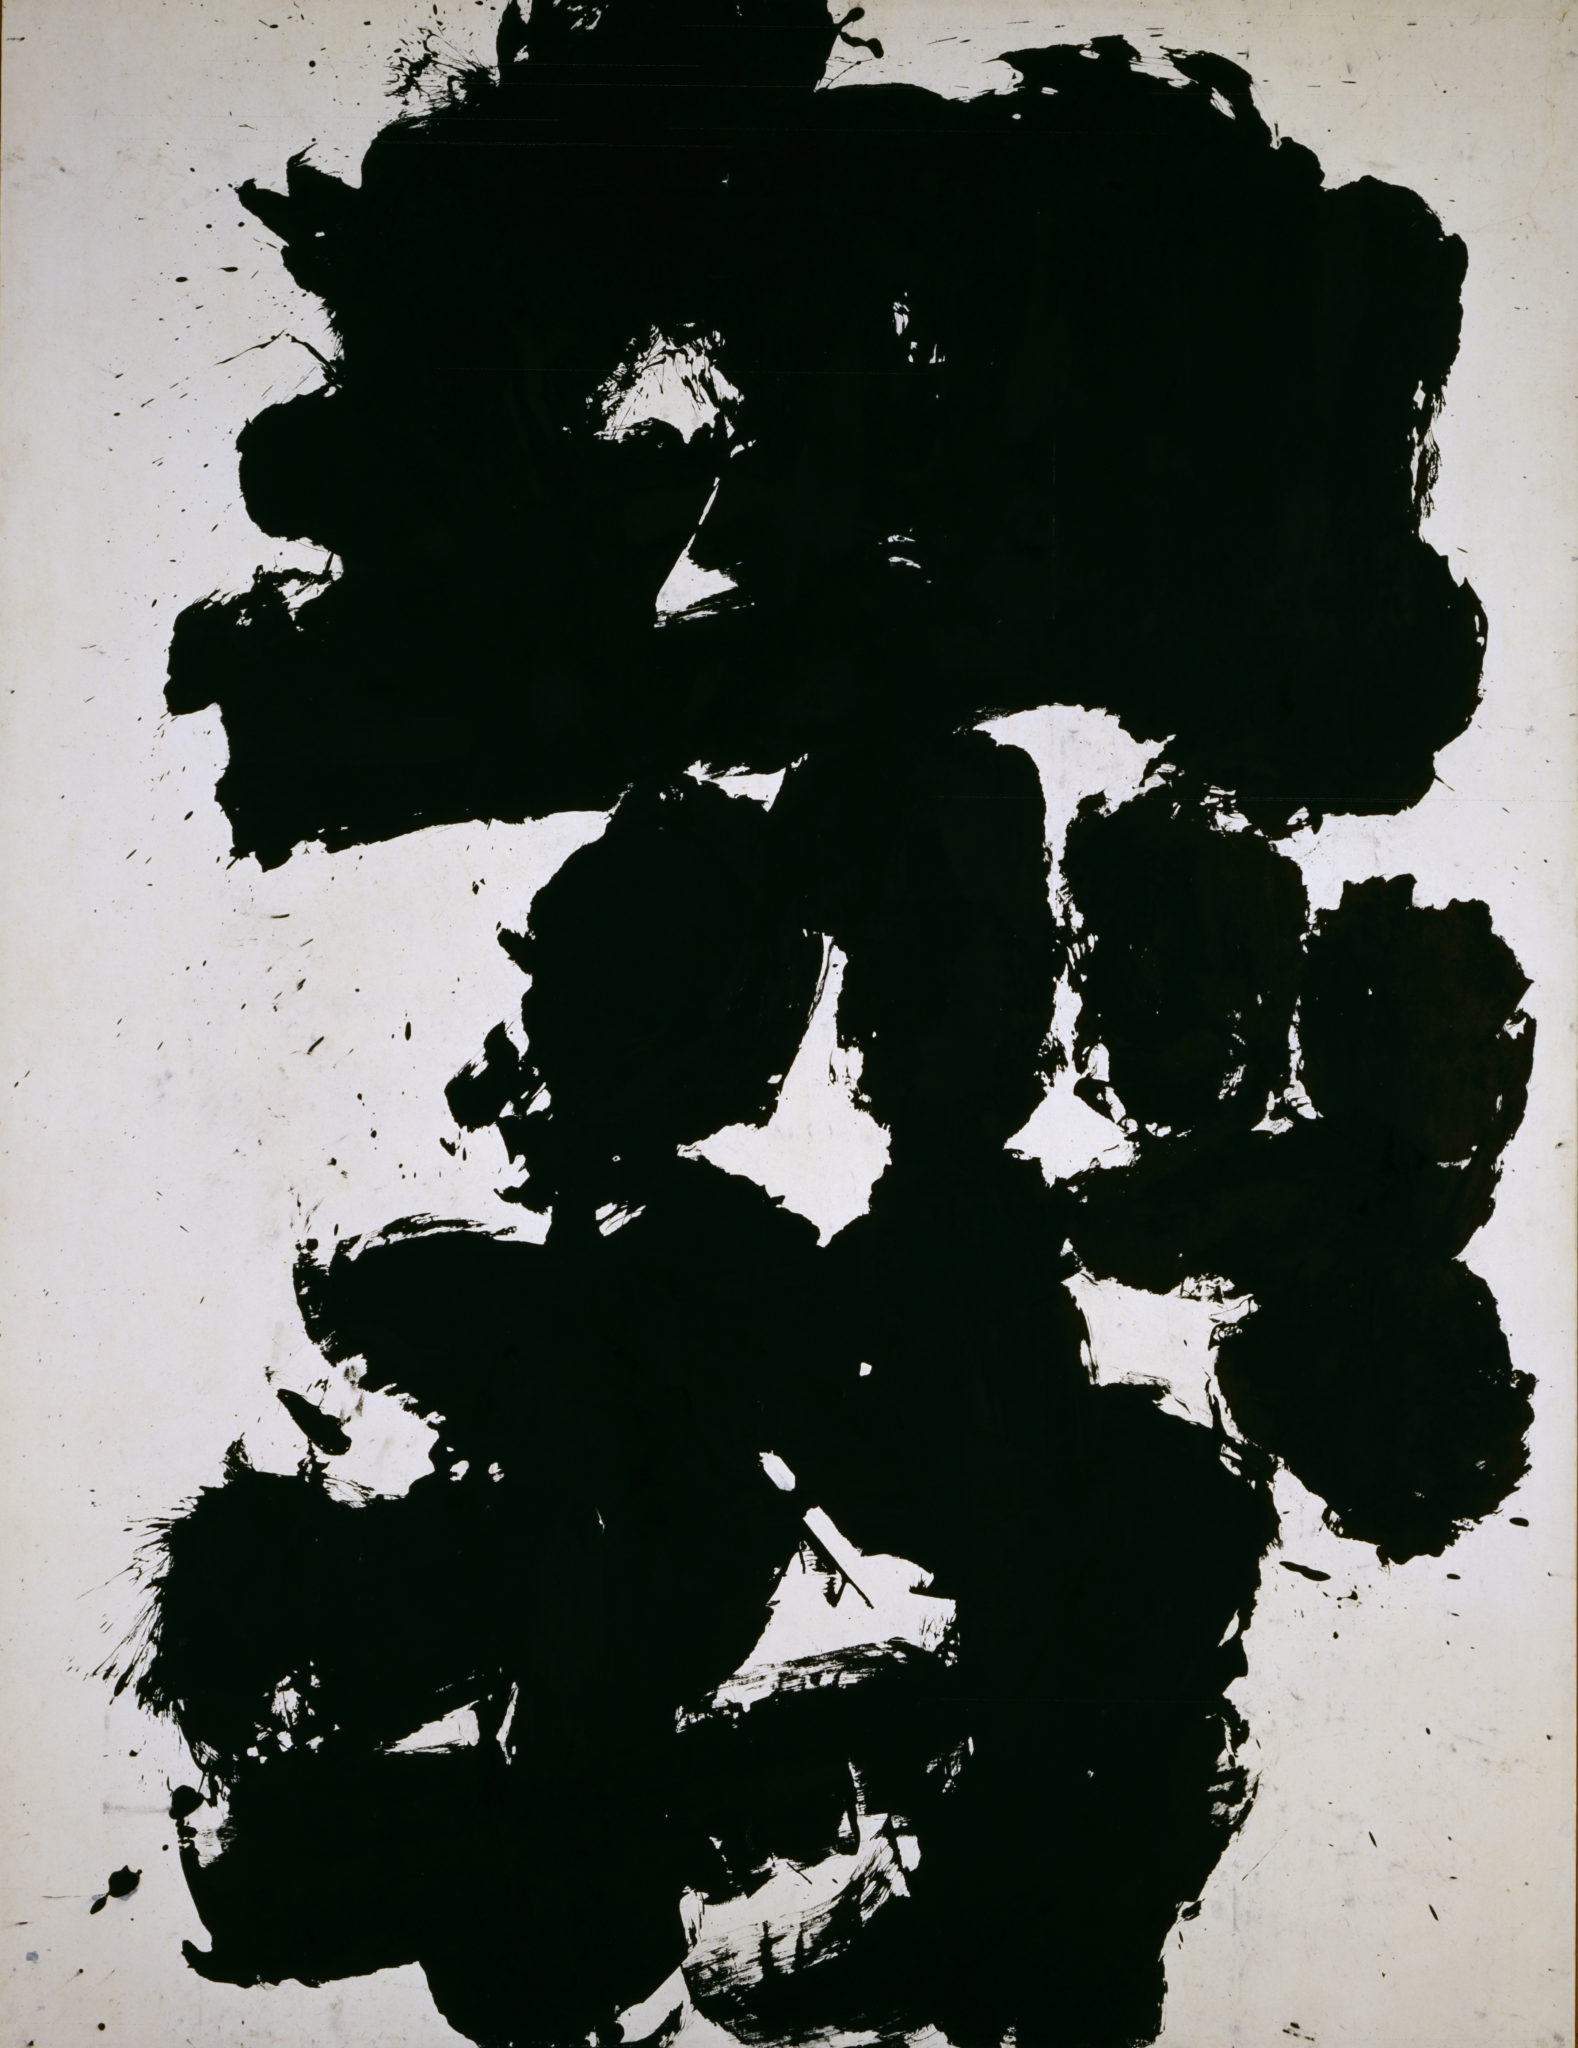 Yu-ichi Inoue, Muga A (Non-moi A), 1956, The National Museum of Modern Art, Kyoto, © UNAC TOKYO photo : Tokio Ito